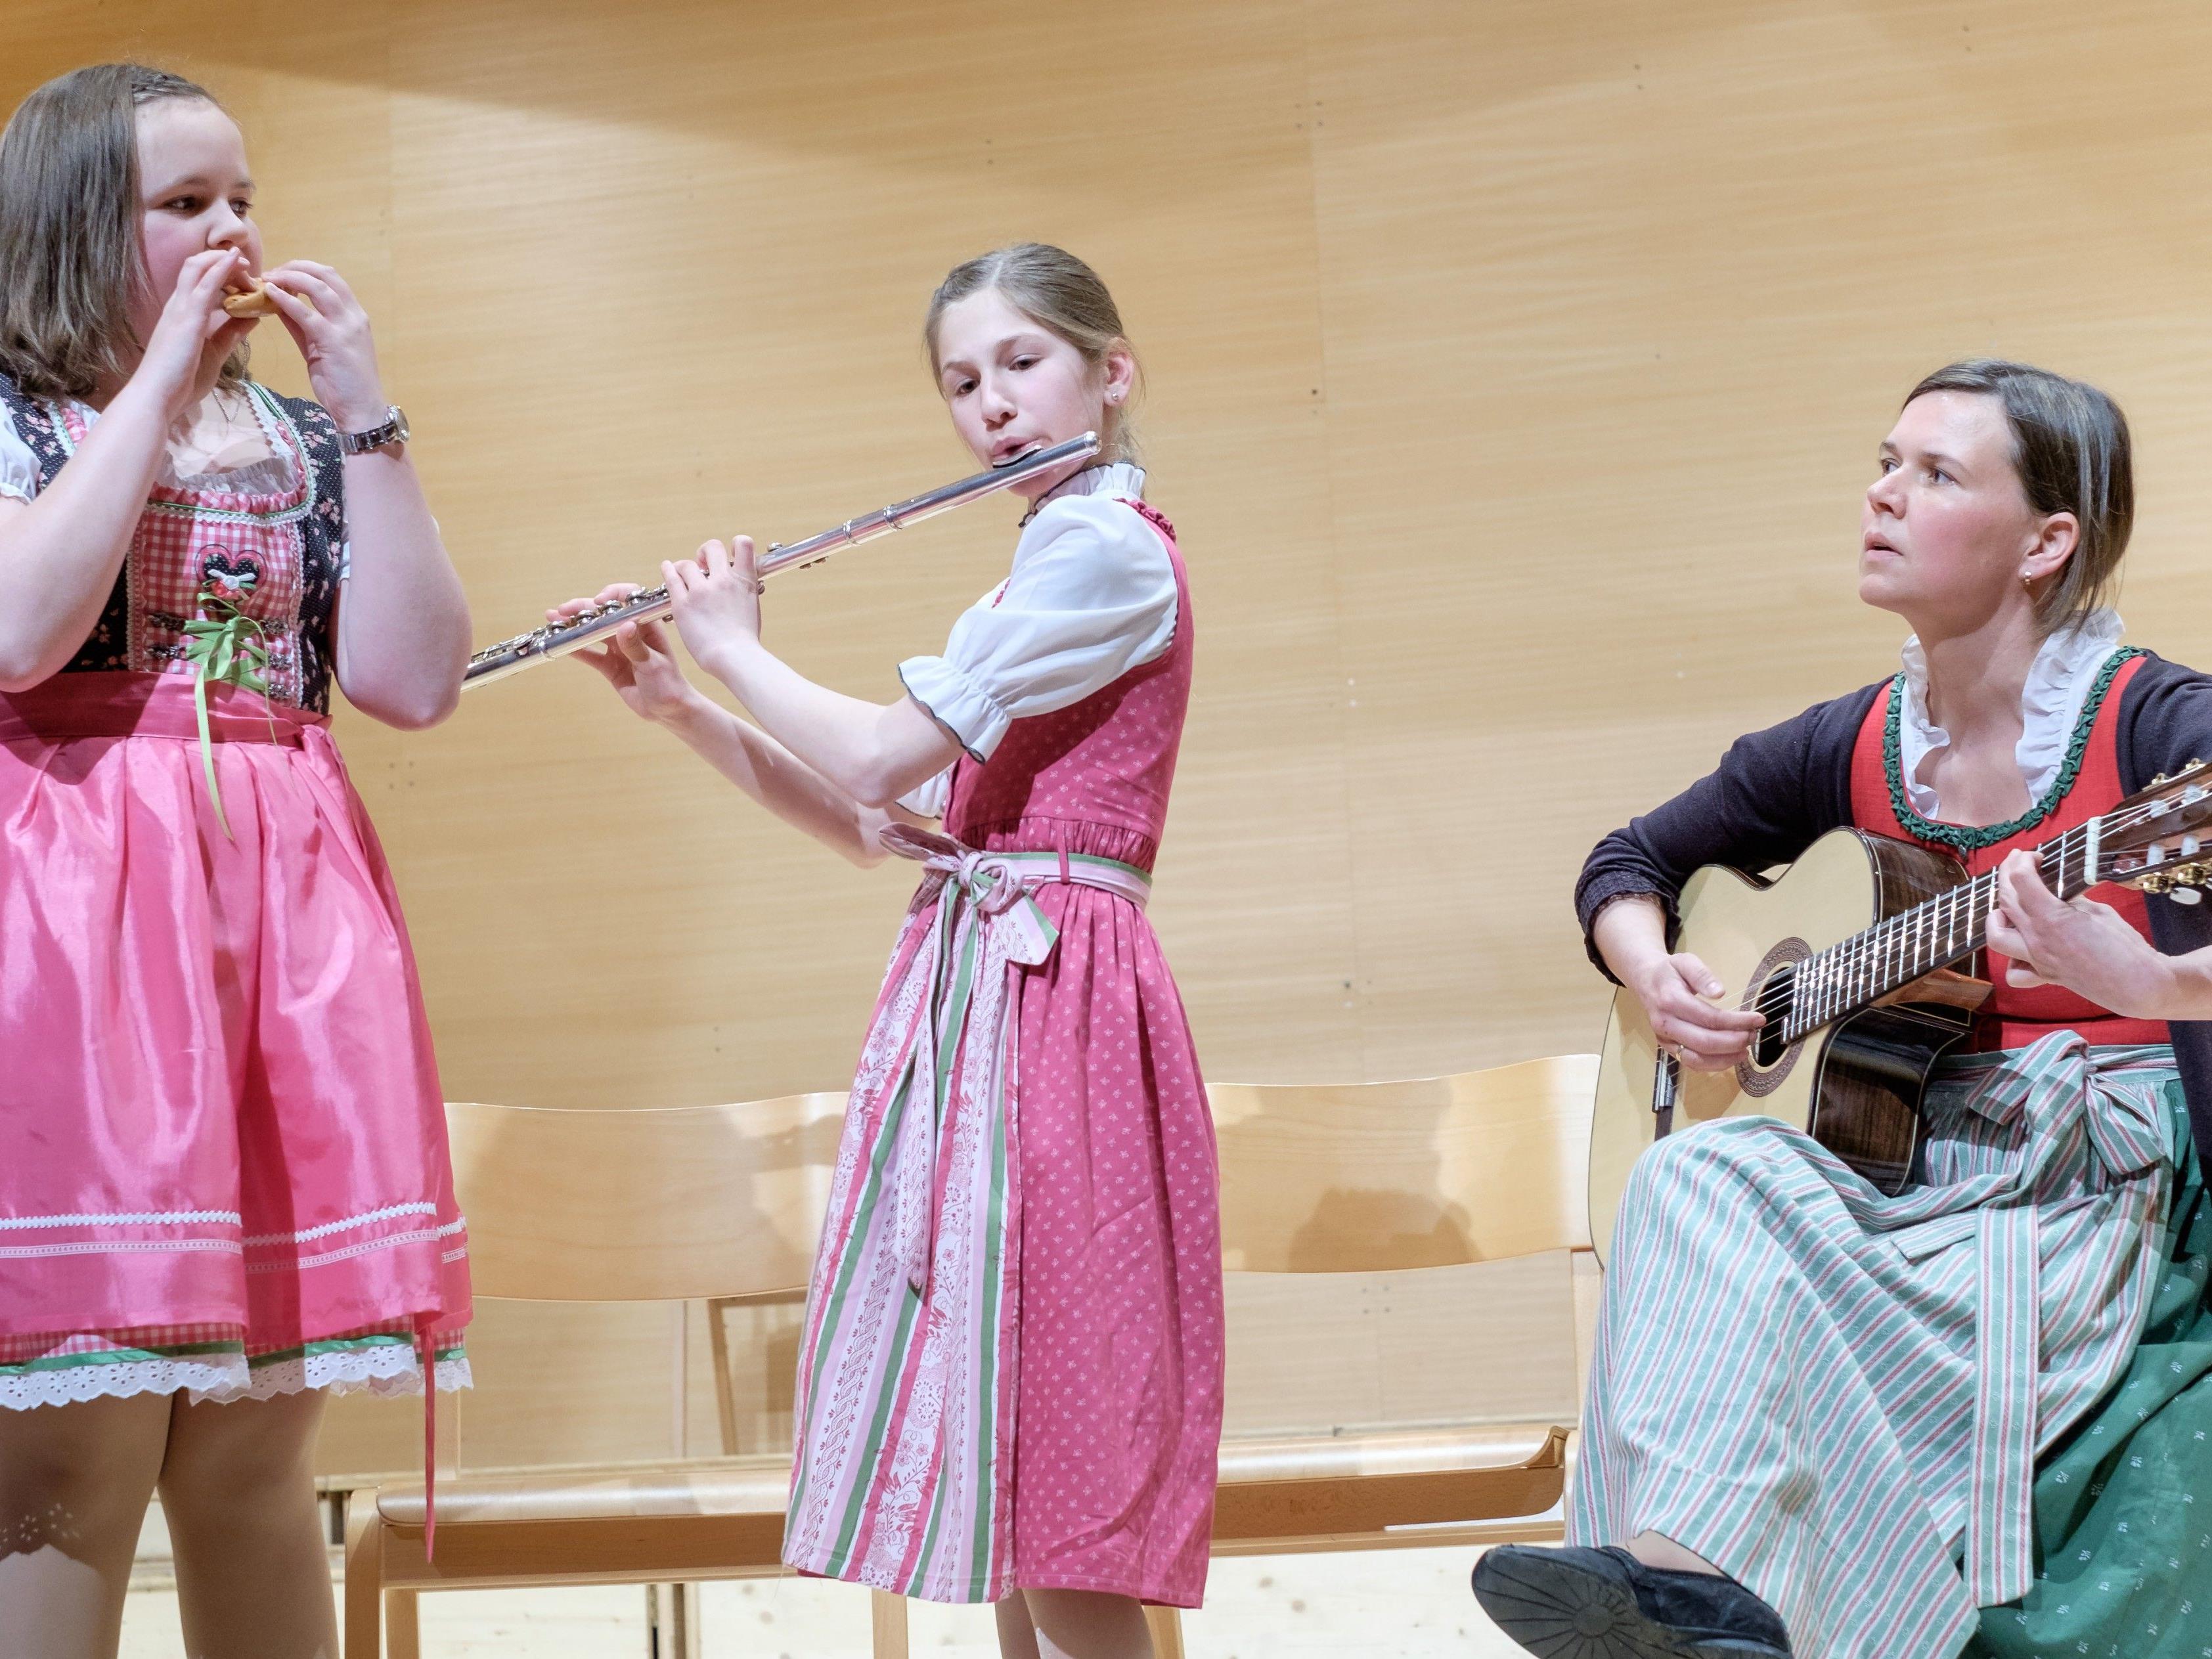 Okarina, Querflöte und Gitarre im wohlklingenden Zusammenspiel.